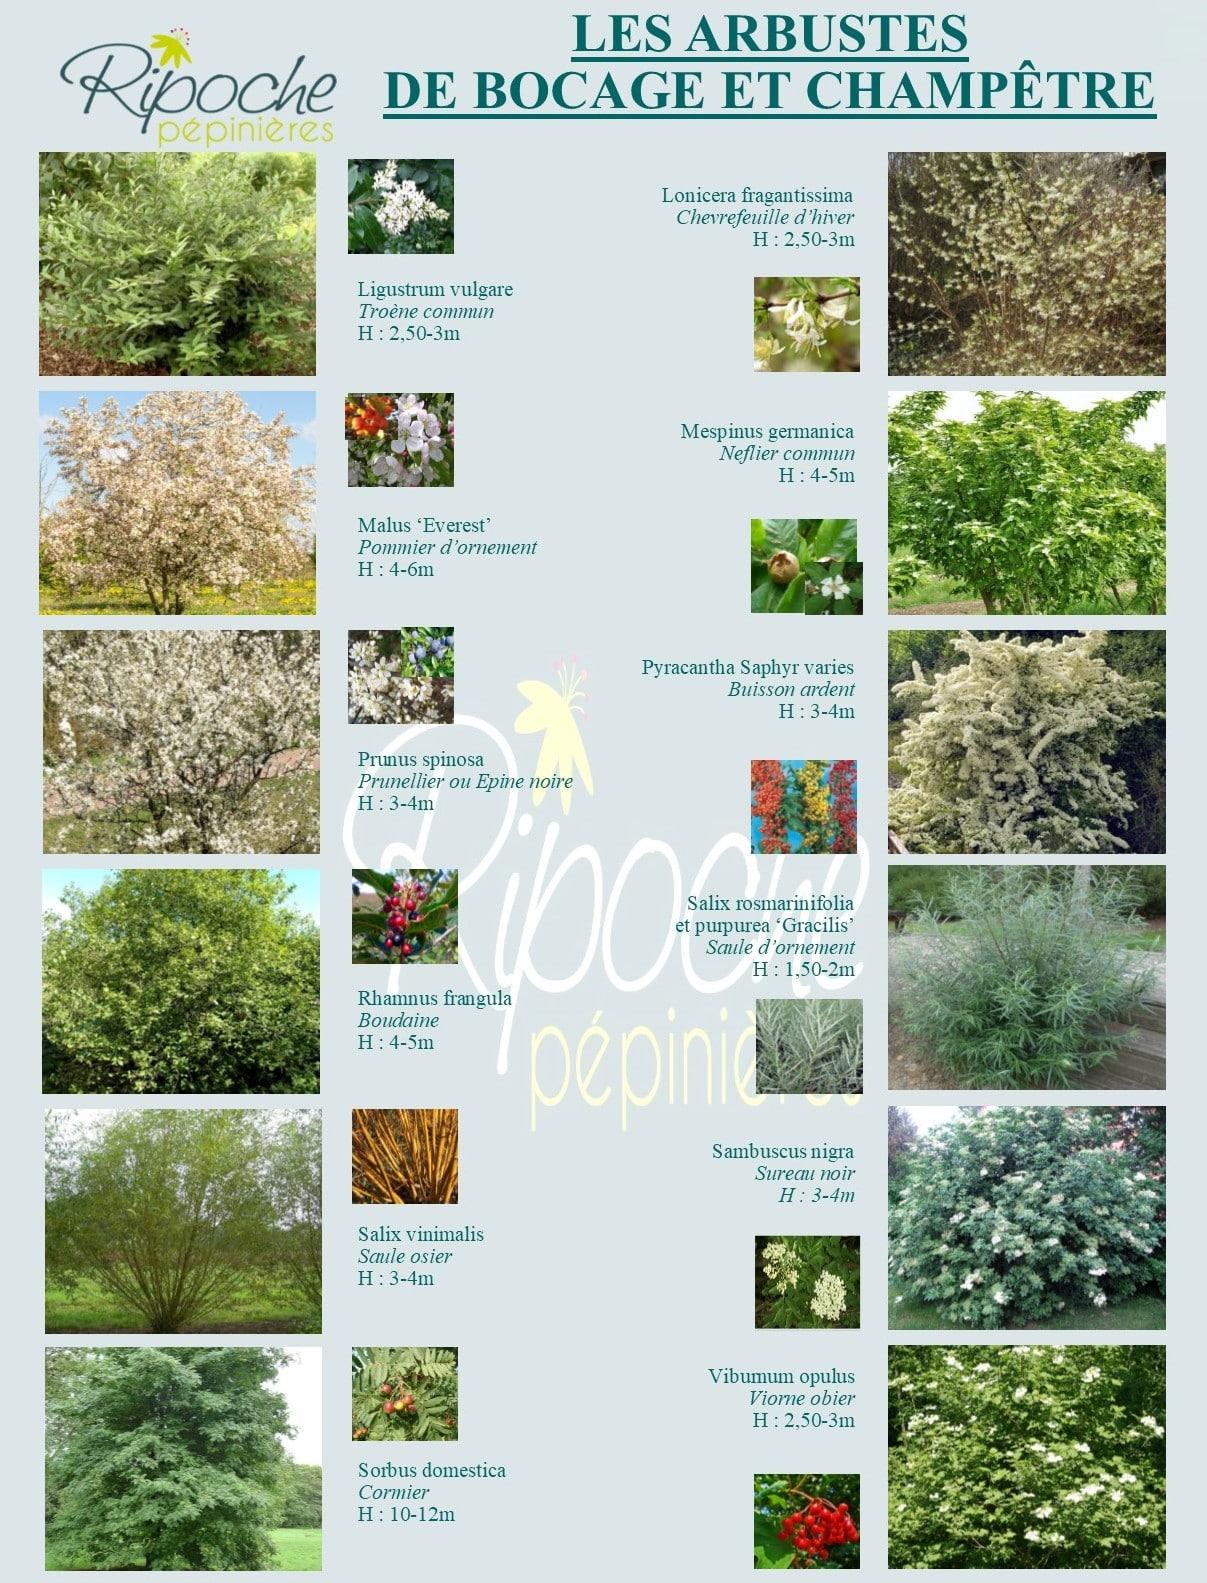 Arbustes de bocage et champêtres2